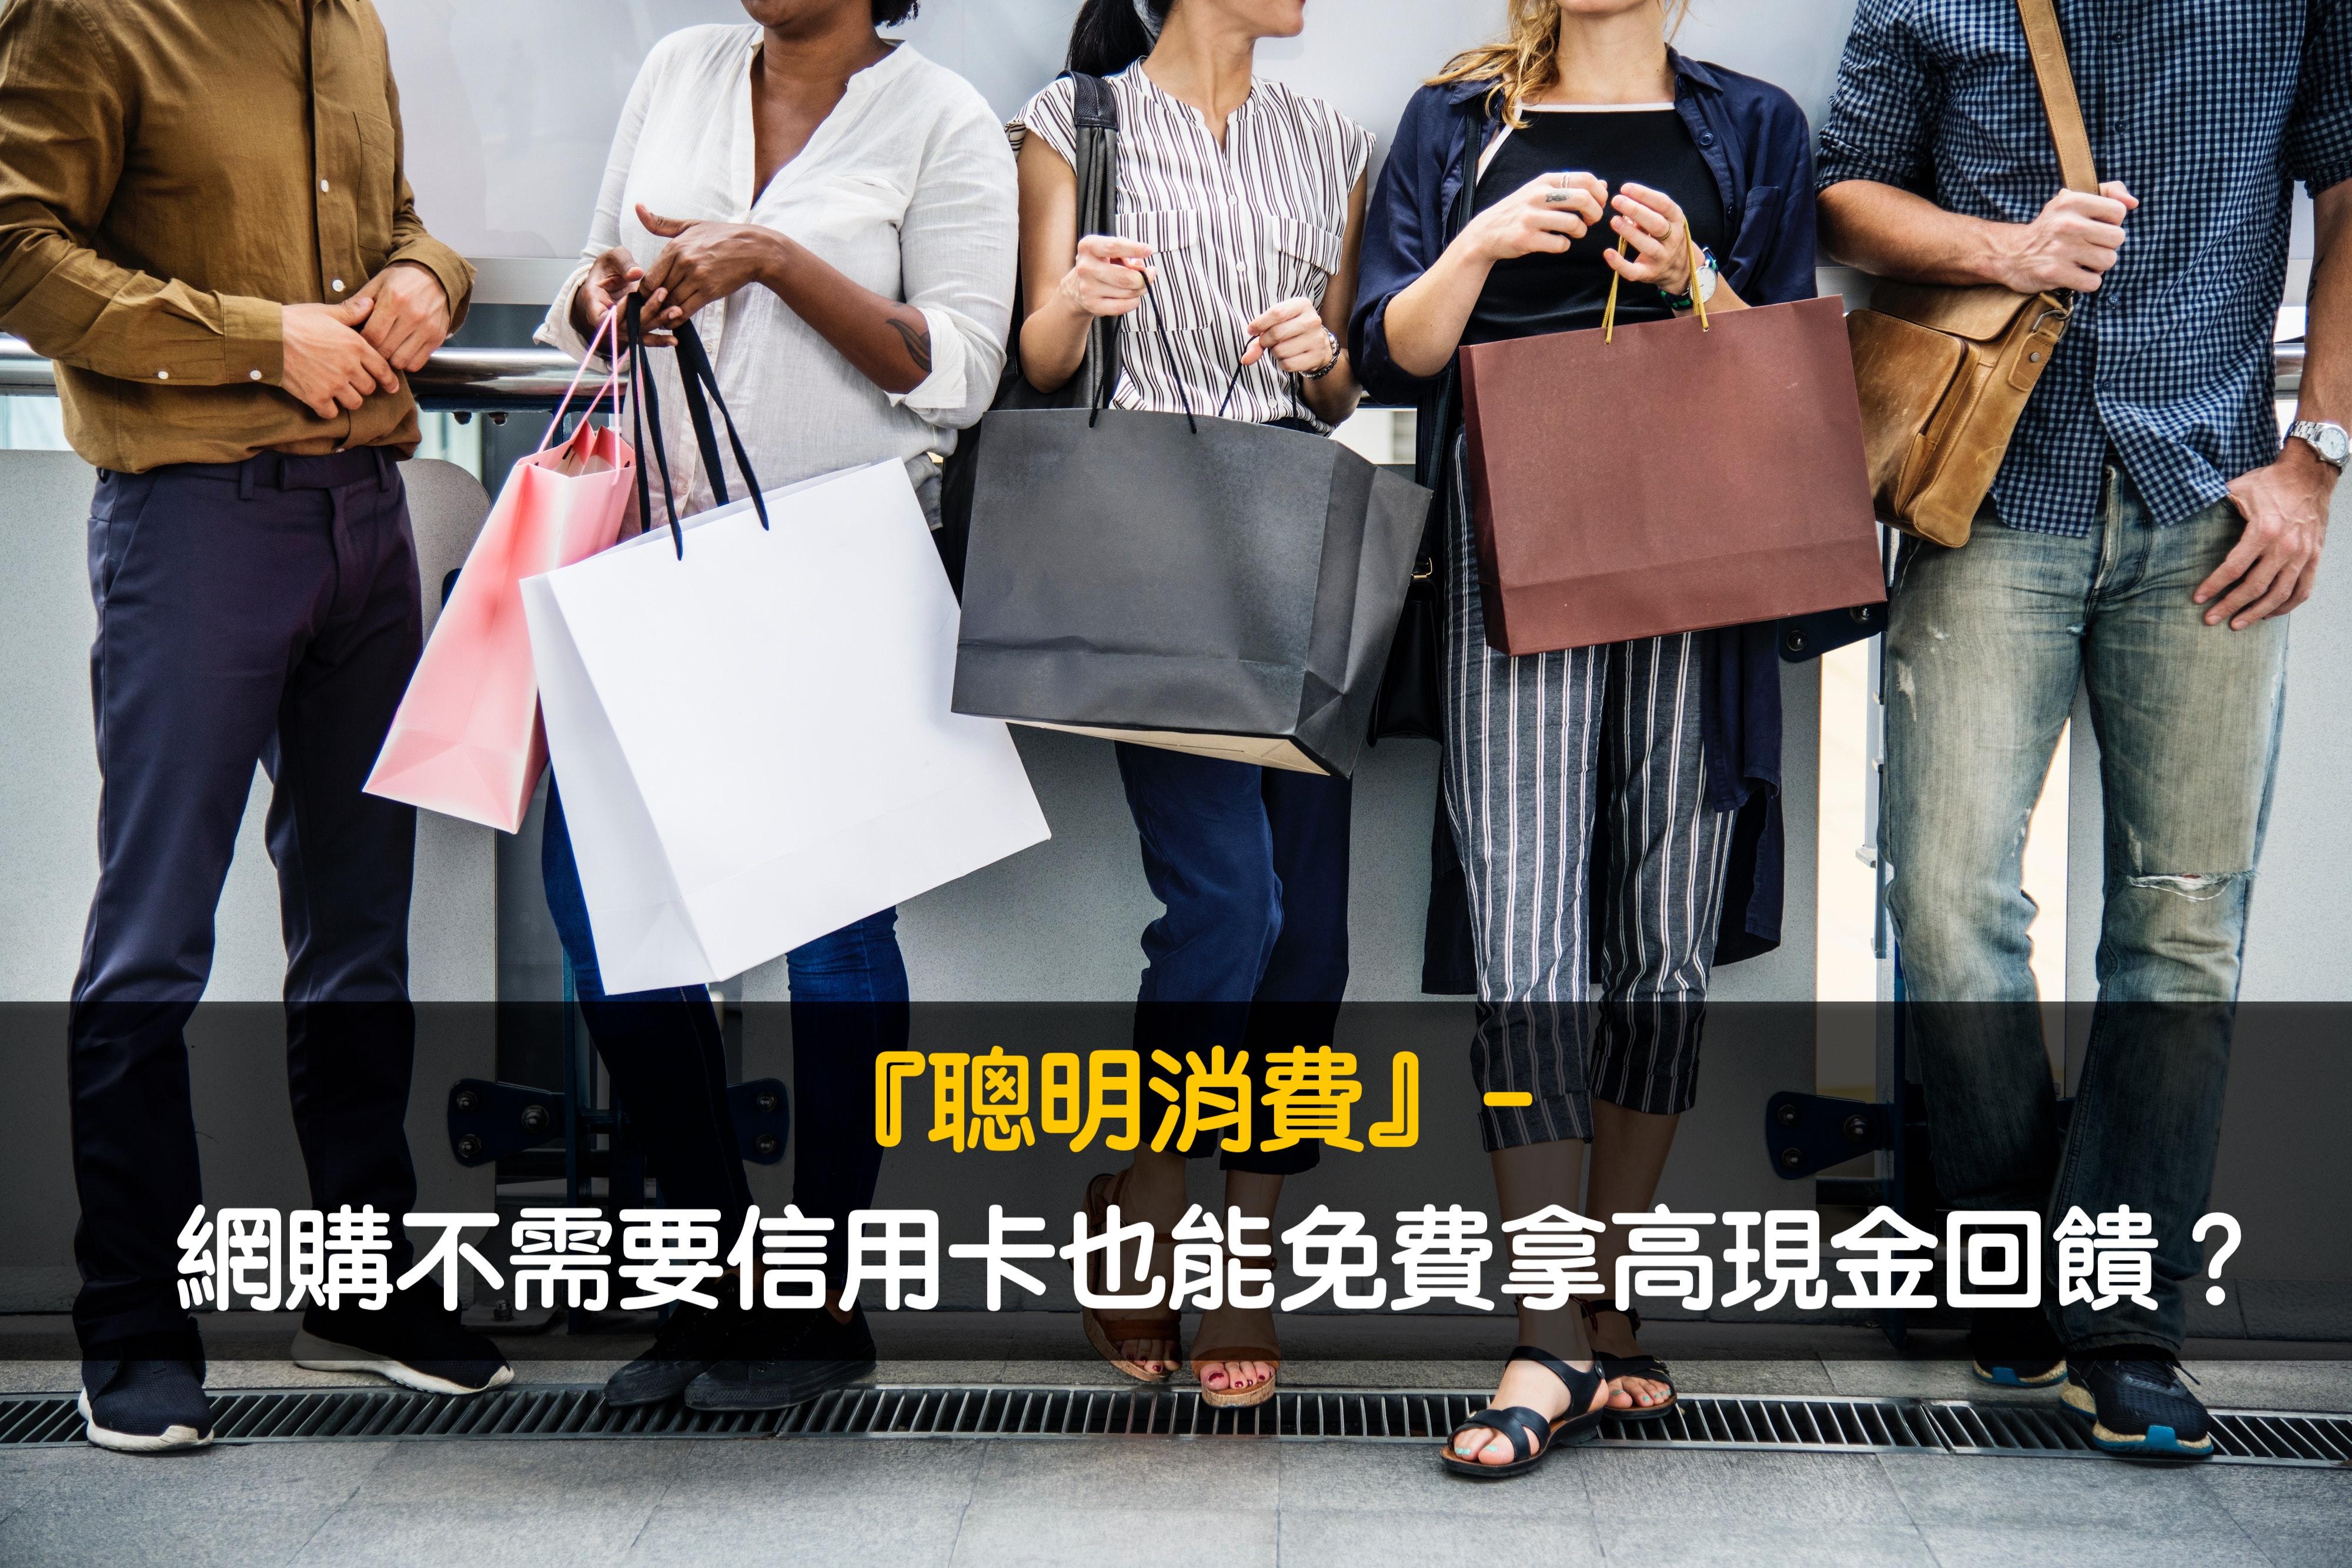 聰明消費|網購不需要信用卡也能免費拿高現金回饋?